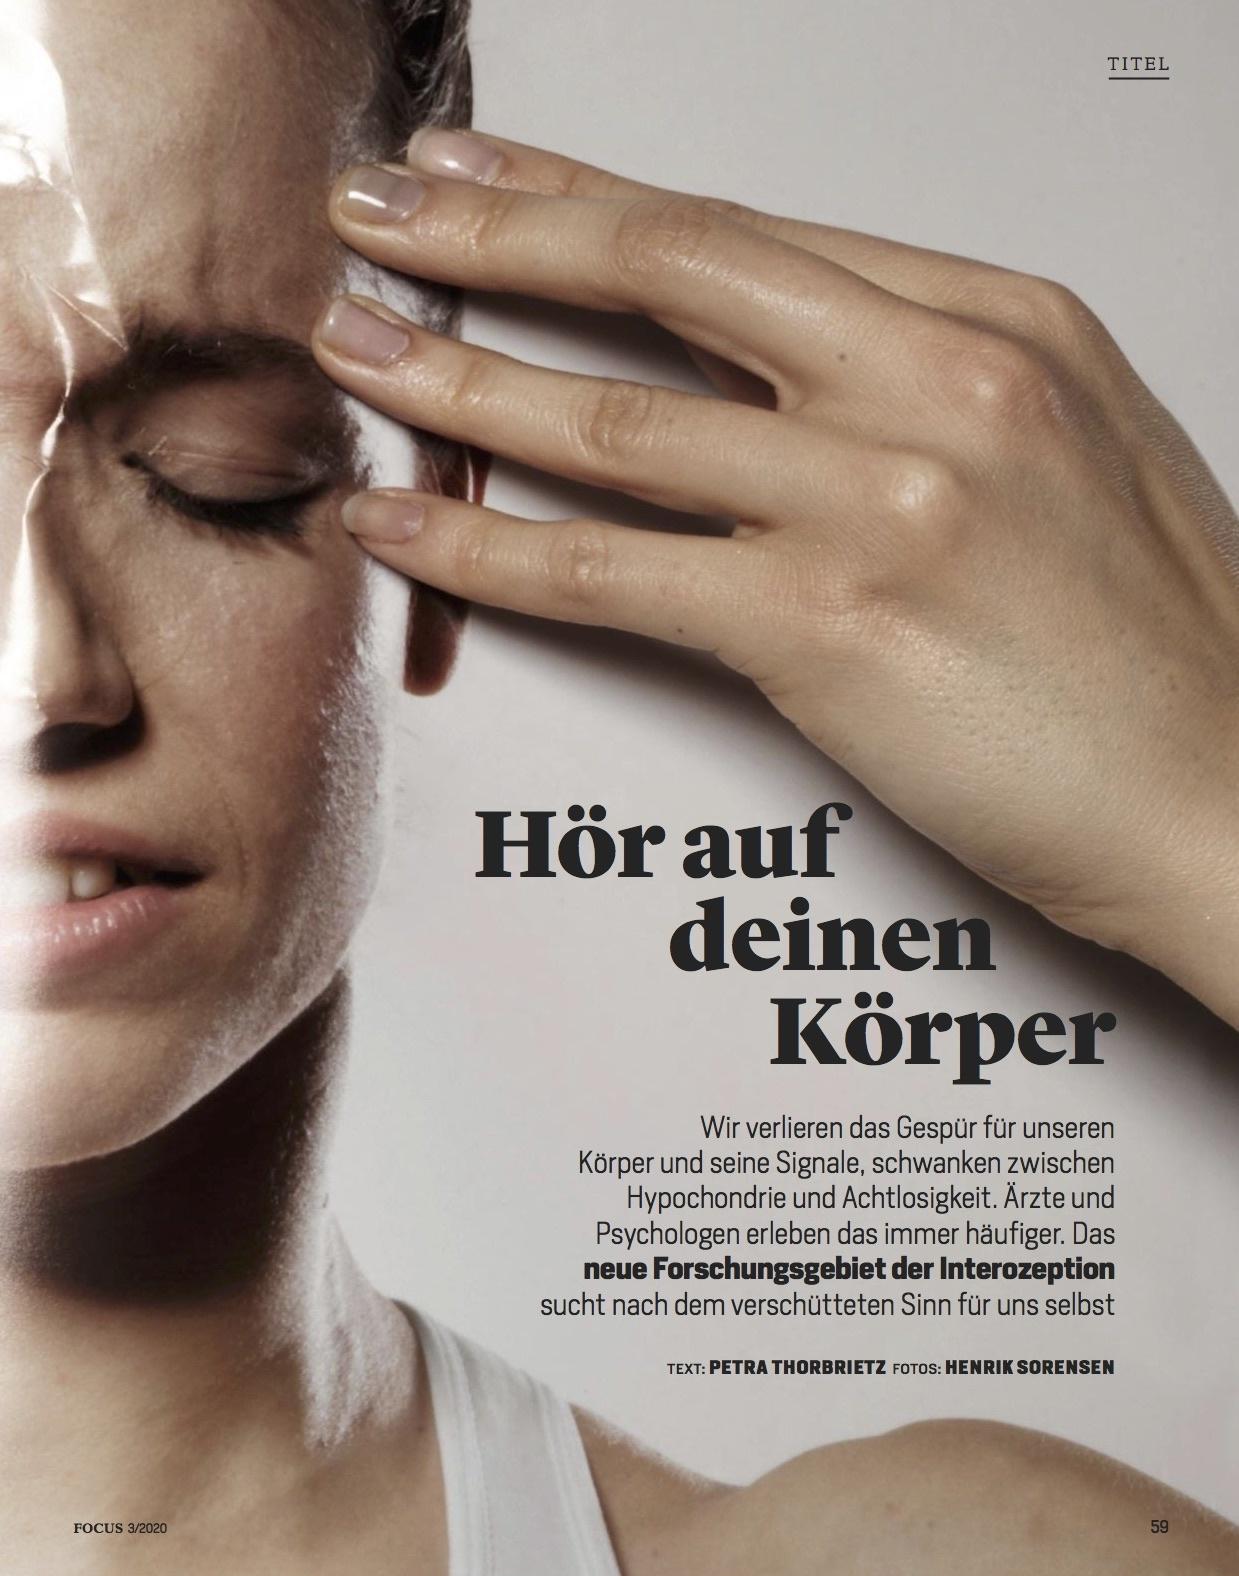 FOCUS Magazin FOCUS Magazin - Hör auf deinen Körper